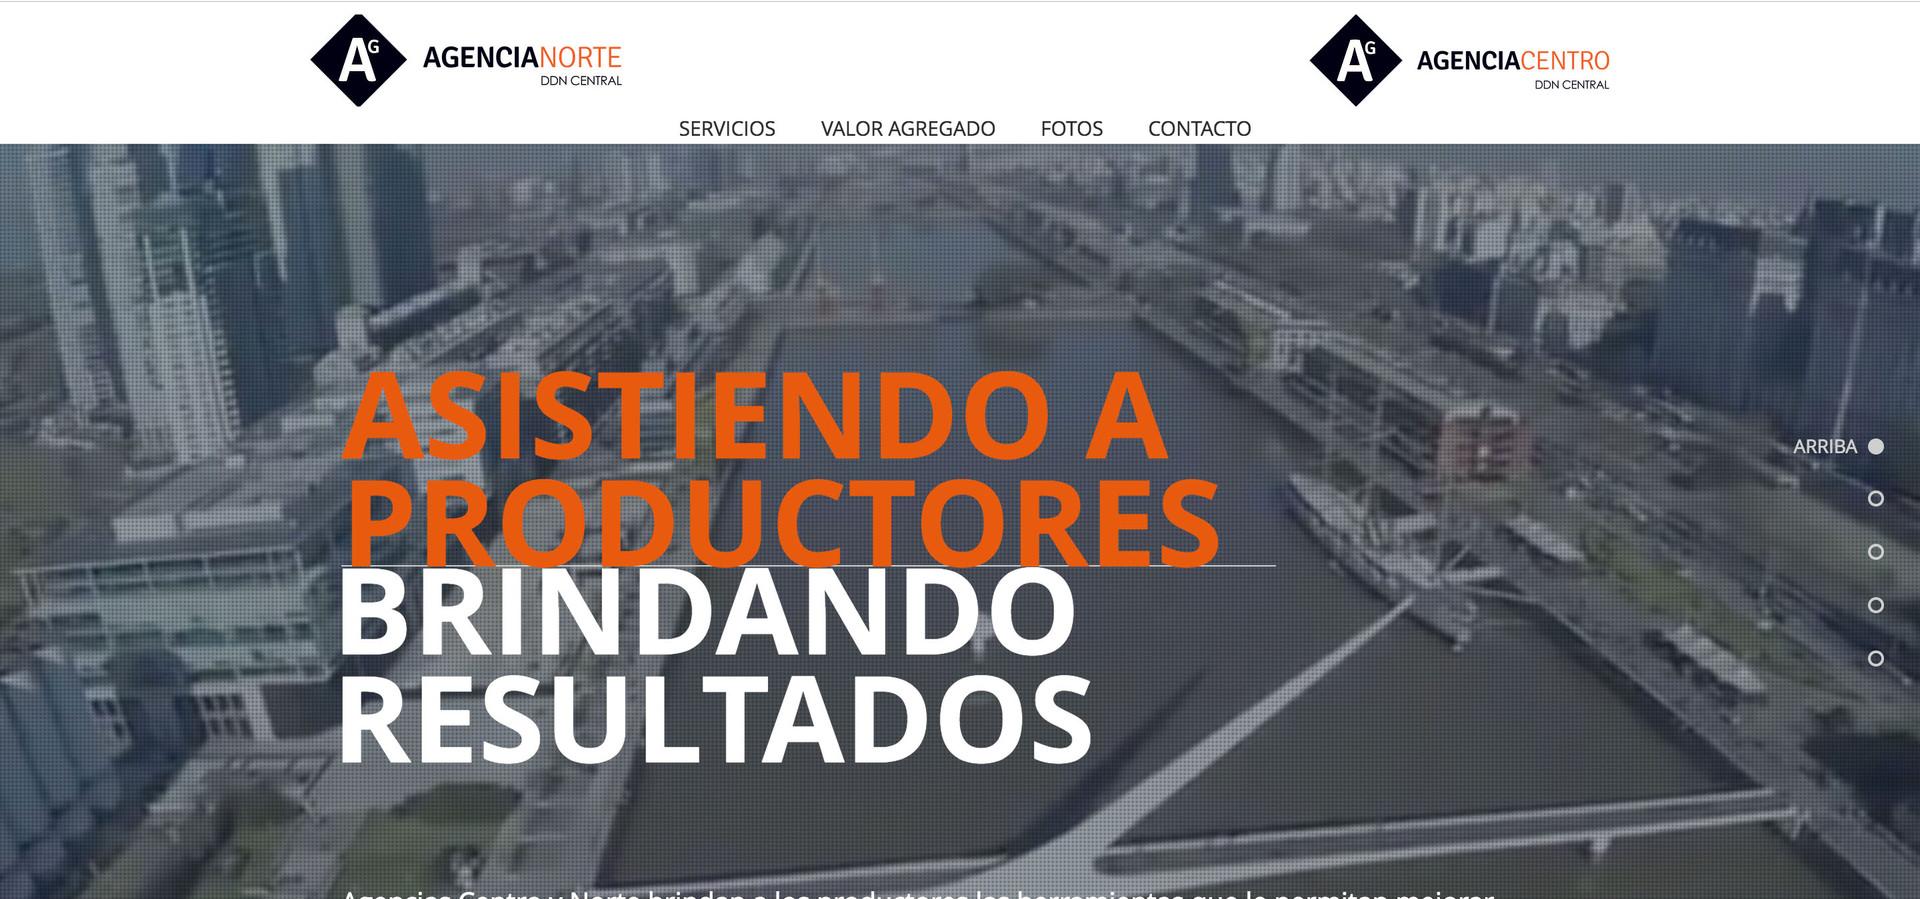 Agencias - Web